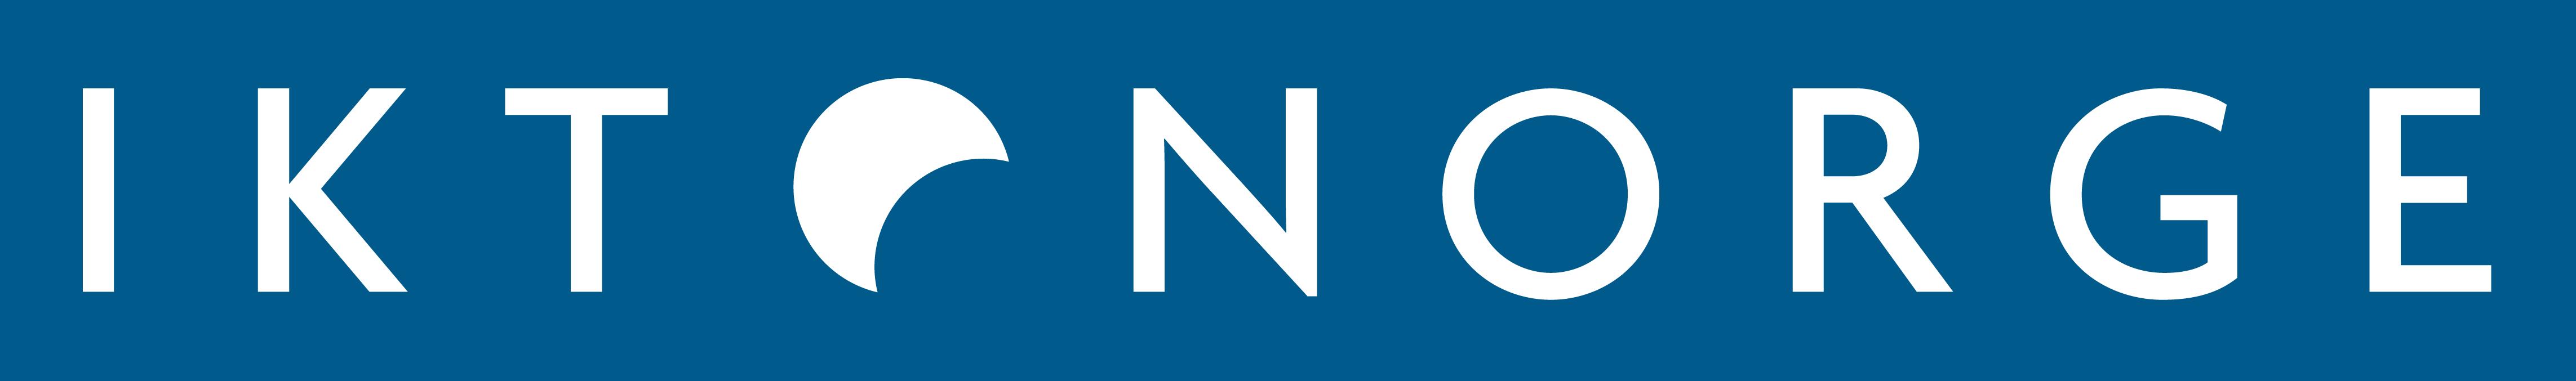 IKT-Norge